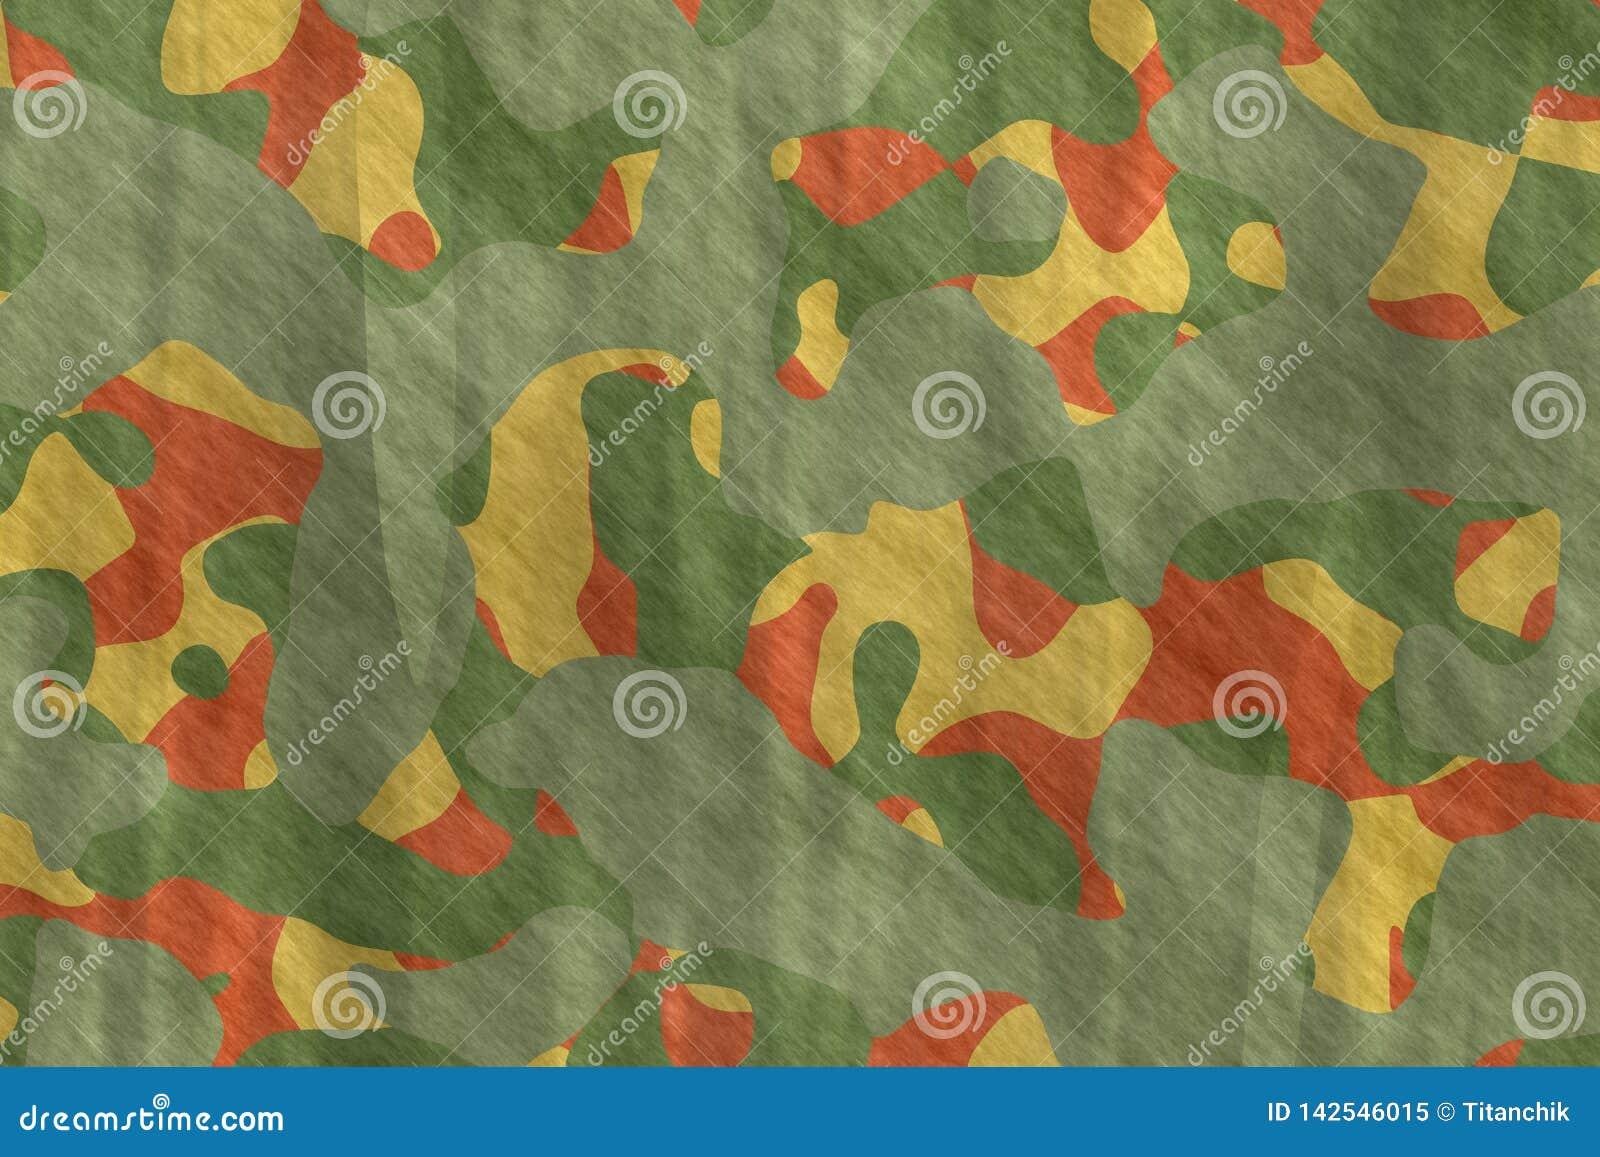 Ilustrações sem emenda Sumário do teste padrão da camuflagem de matéria têxtil